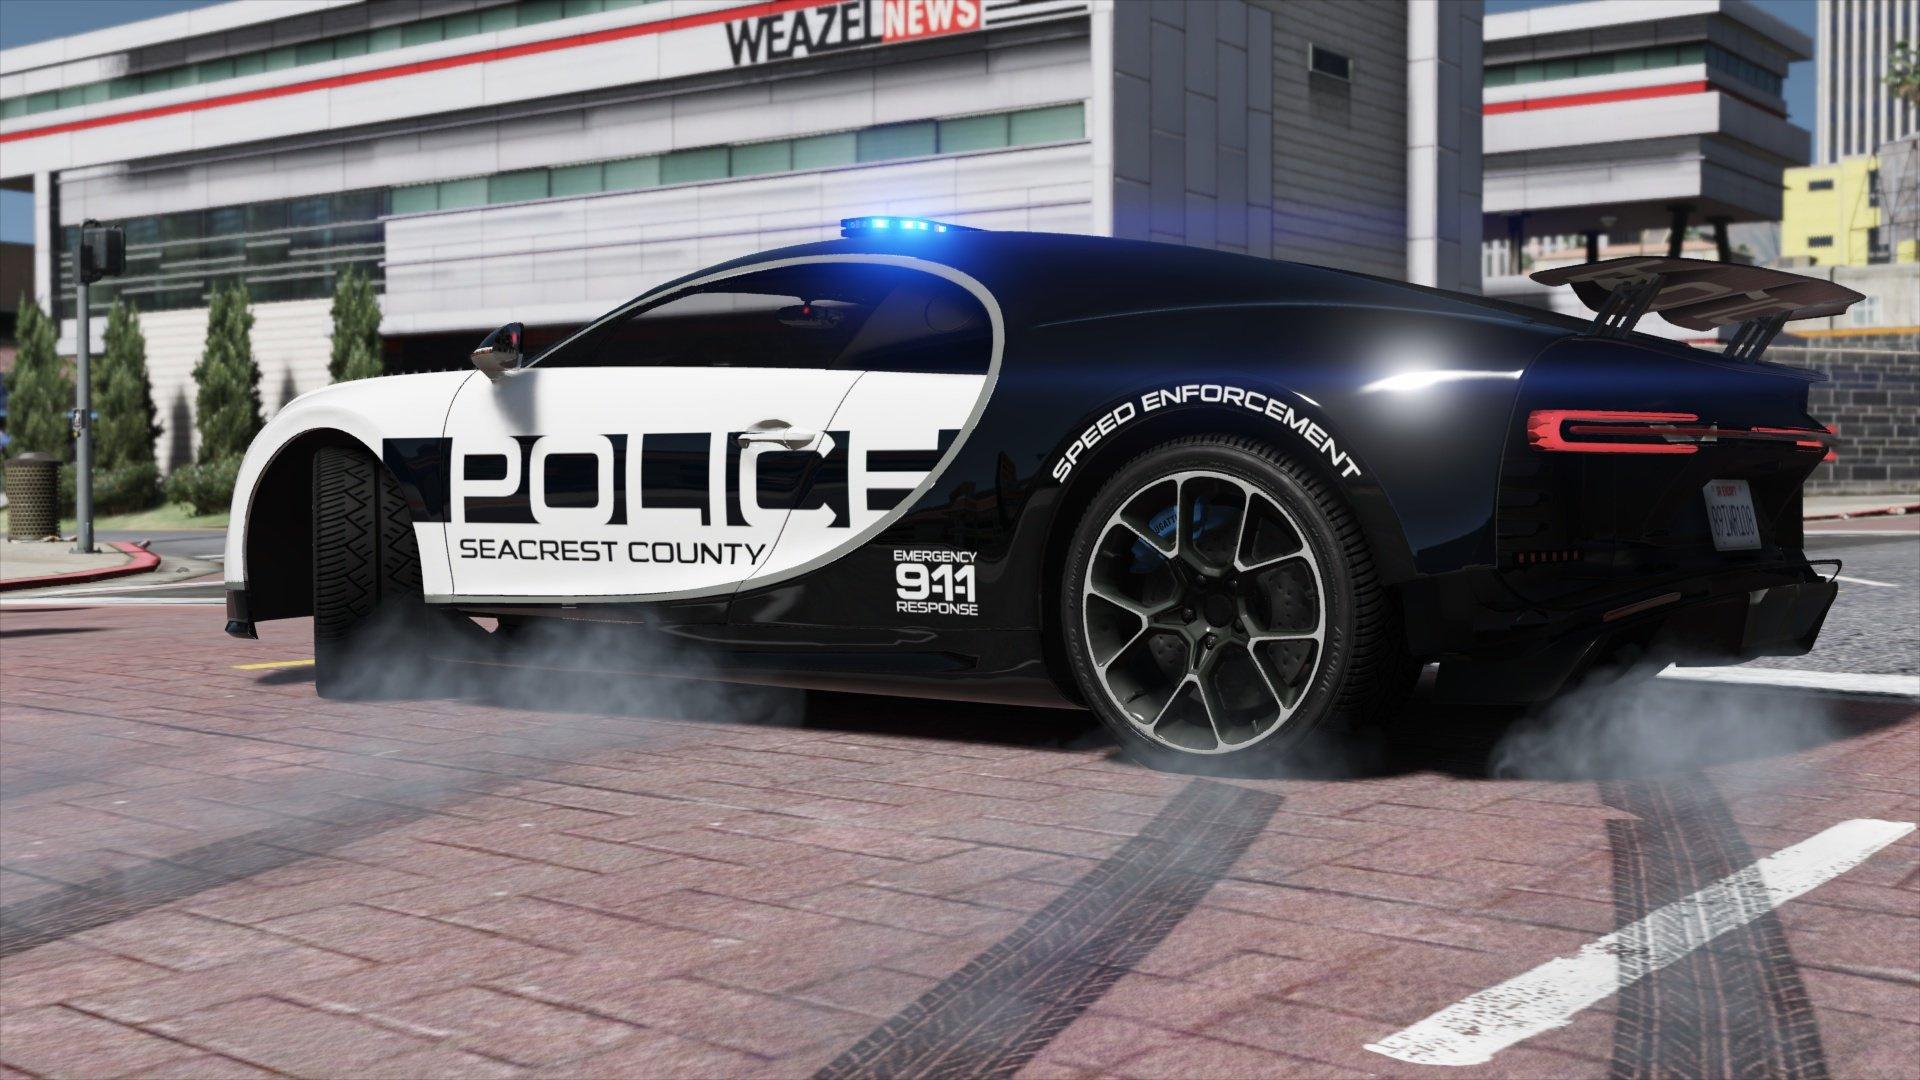 Bugatti Chiron Hot Pursuit Police Add On Replace